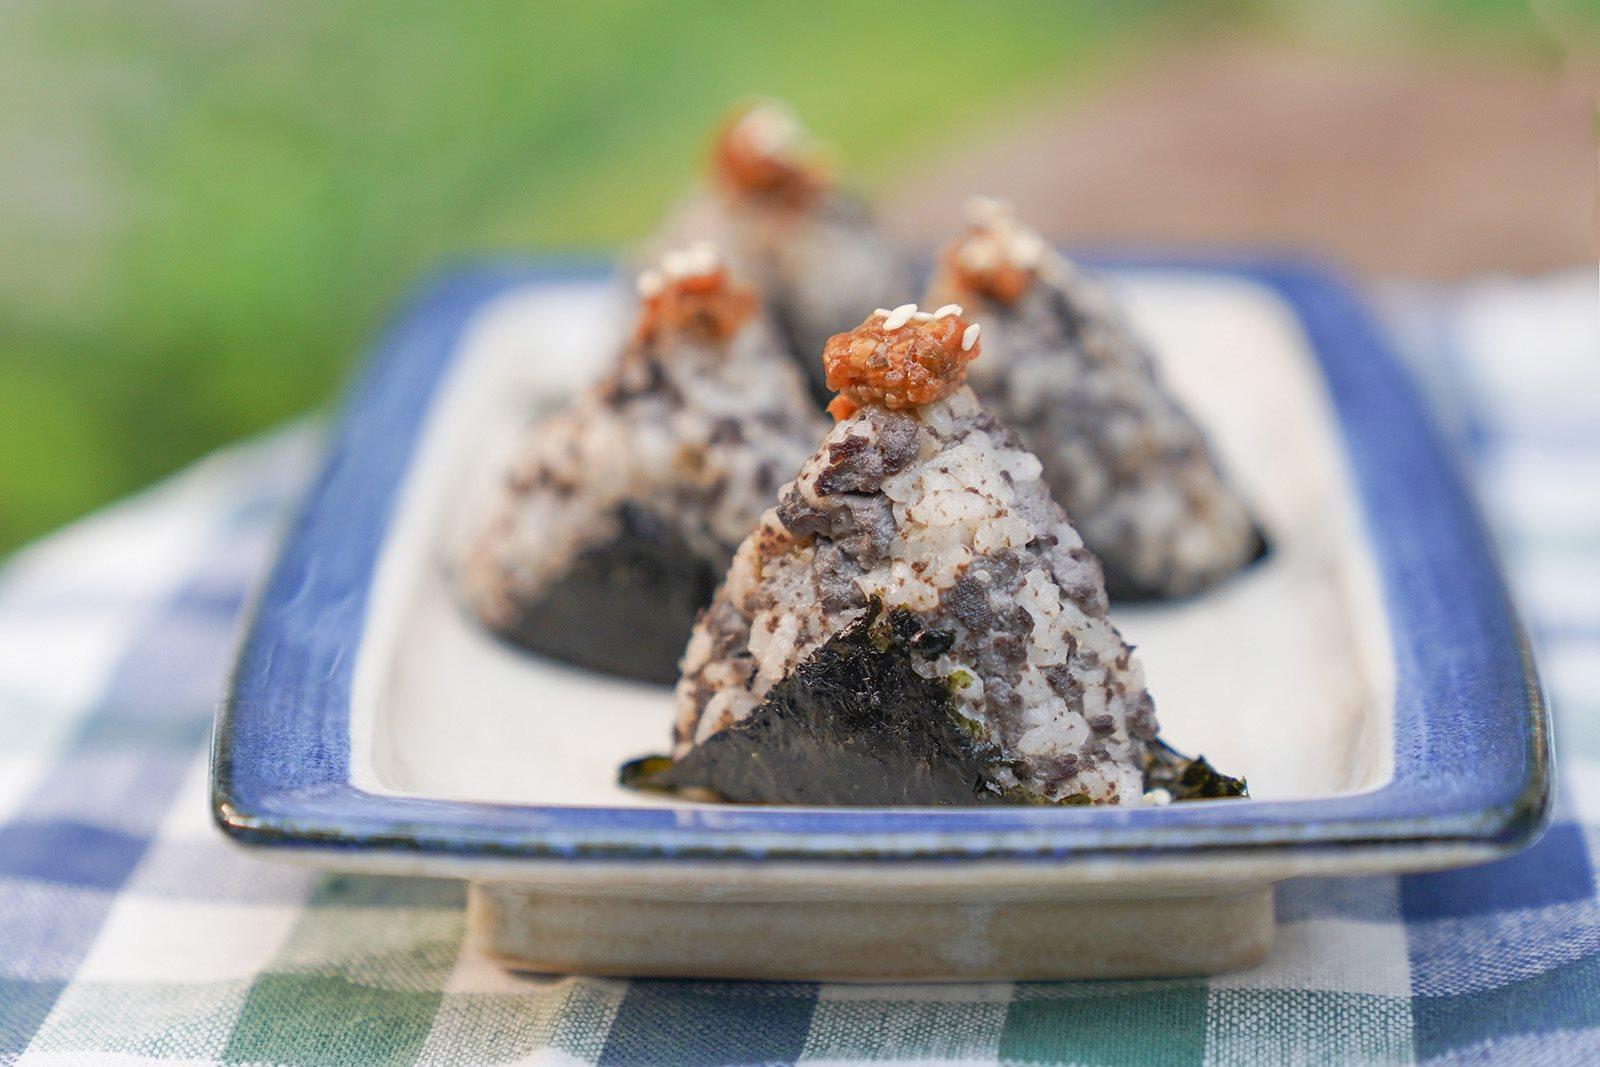 享用美食前的元氣補給:辛味噌黑豆腐飯糰|禾乃川小廚房